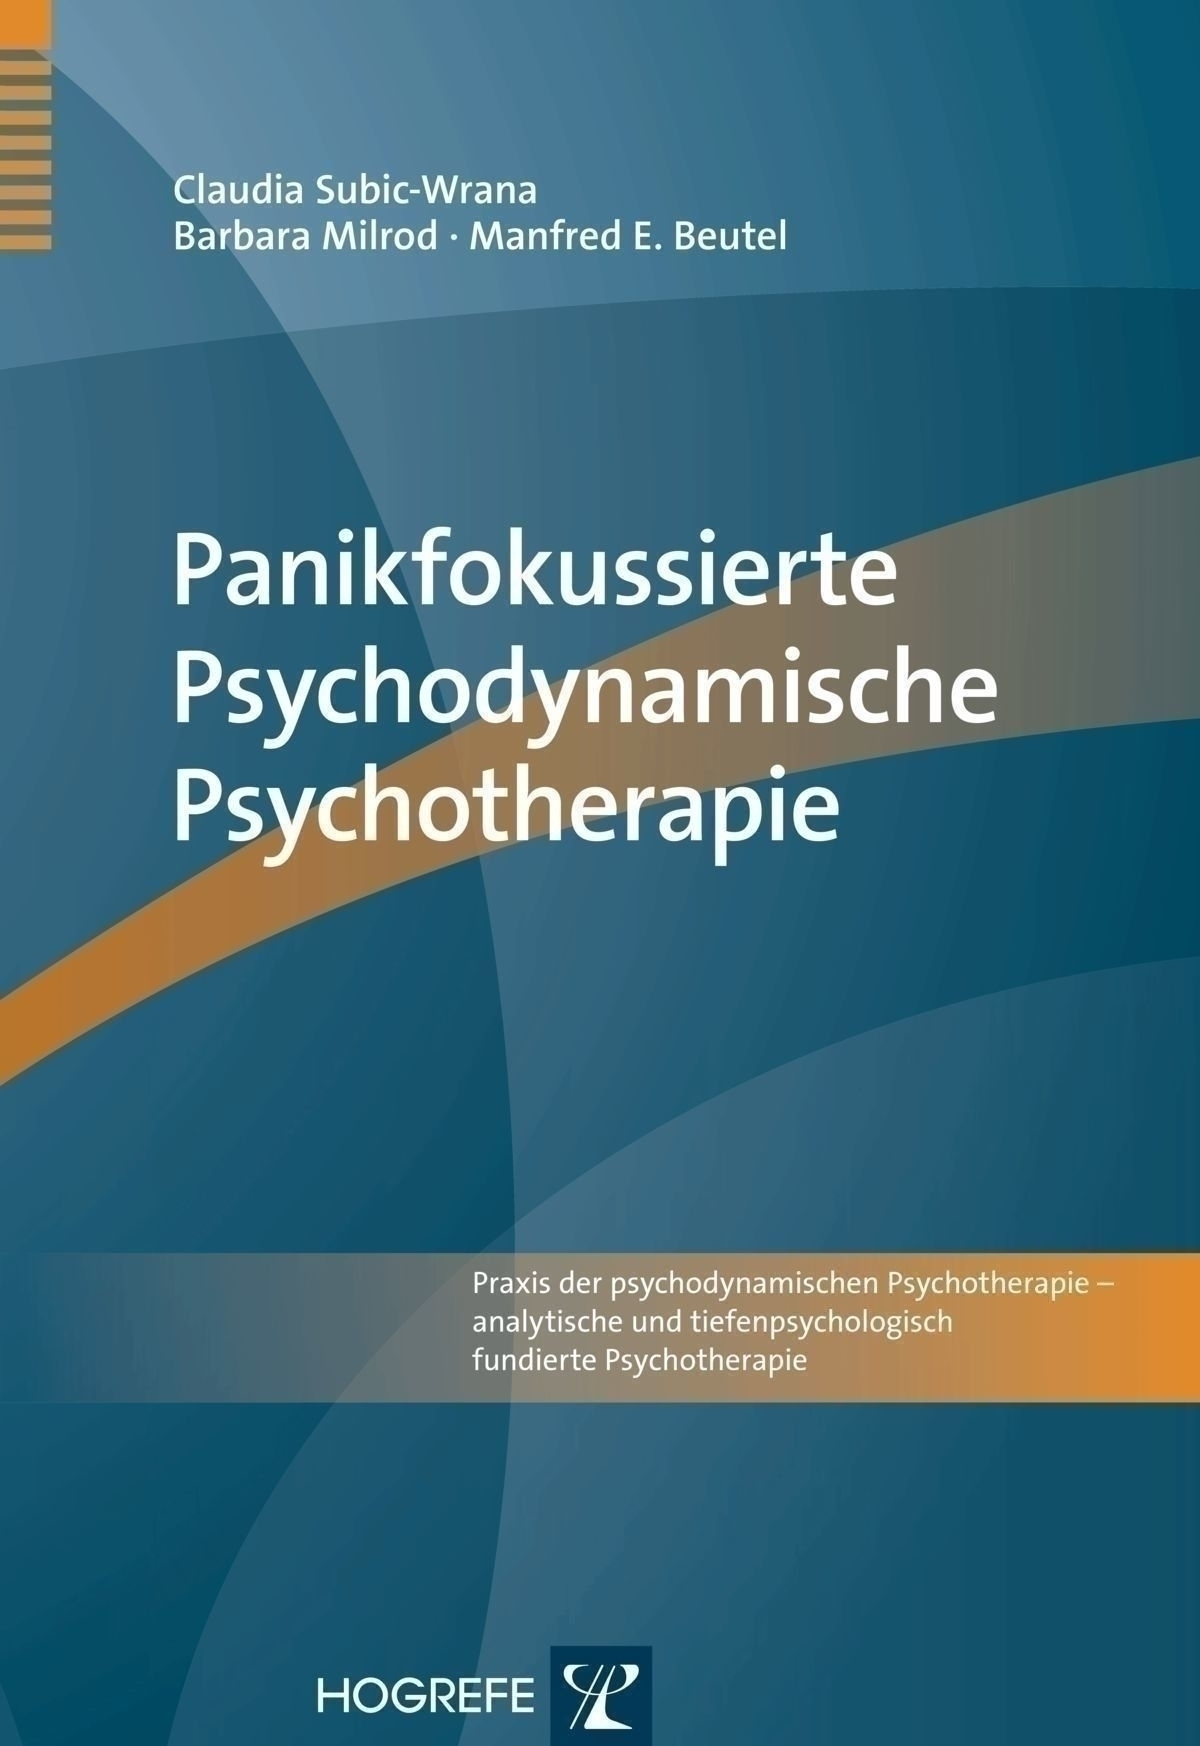 Panikfokussierte Psychodynamische Psychotherapie